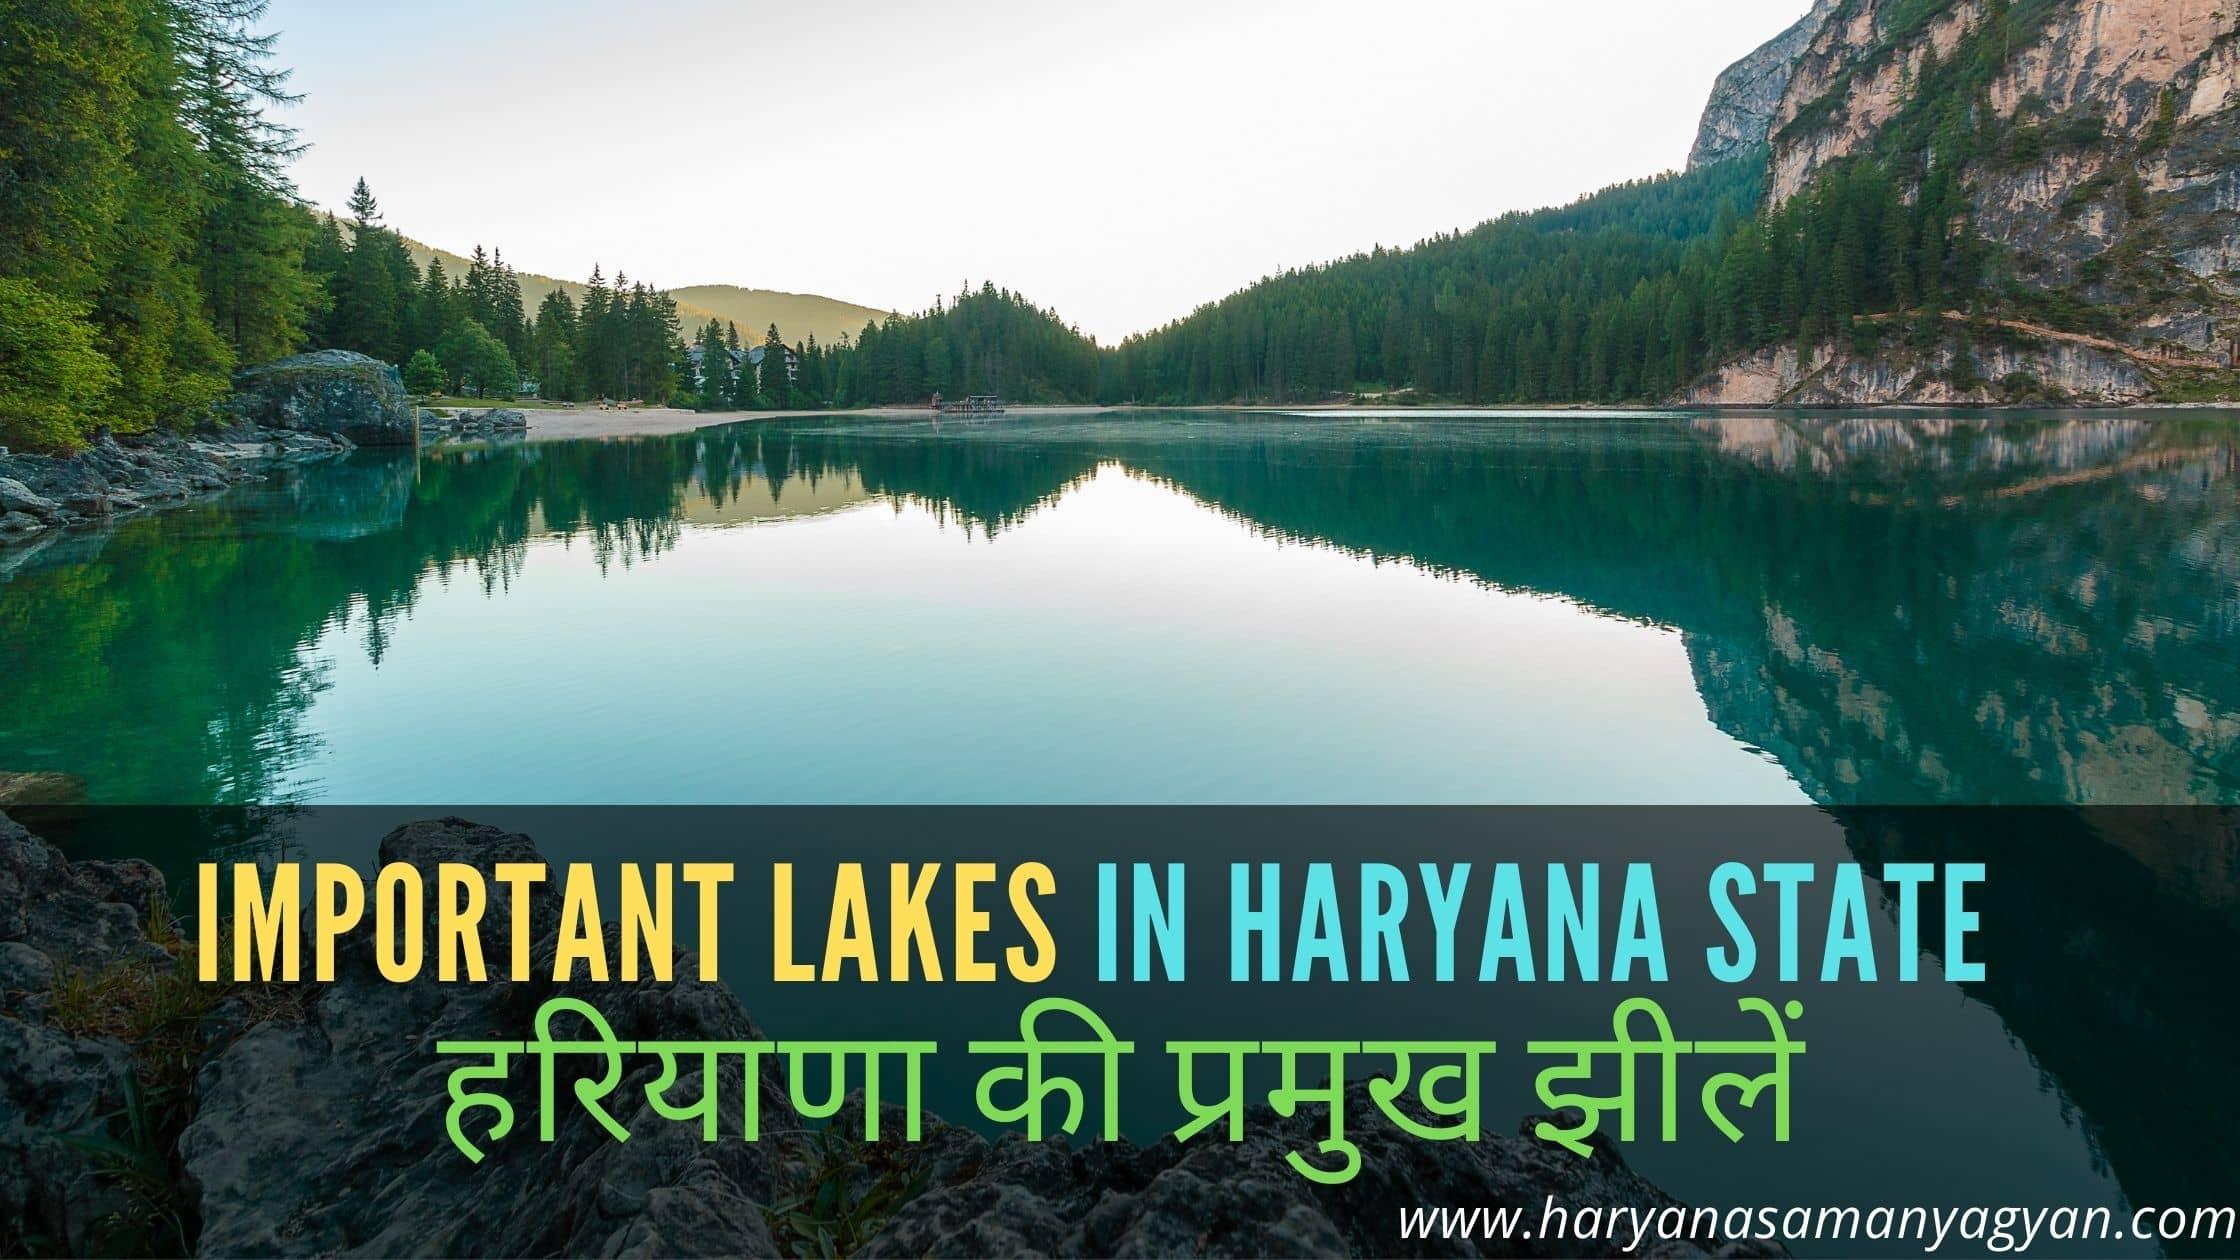 Important Lakes in Haryana state - हरियाणा की प्रमुख झीलें